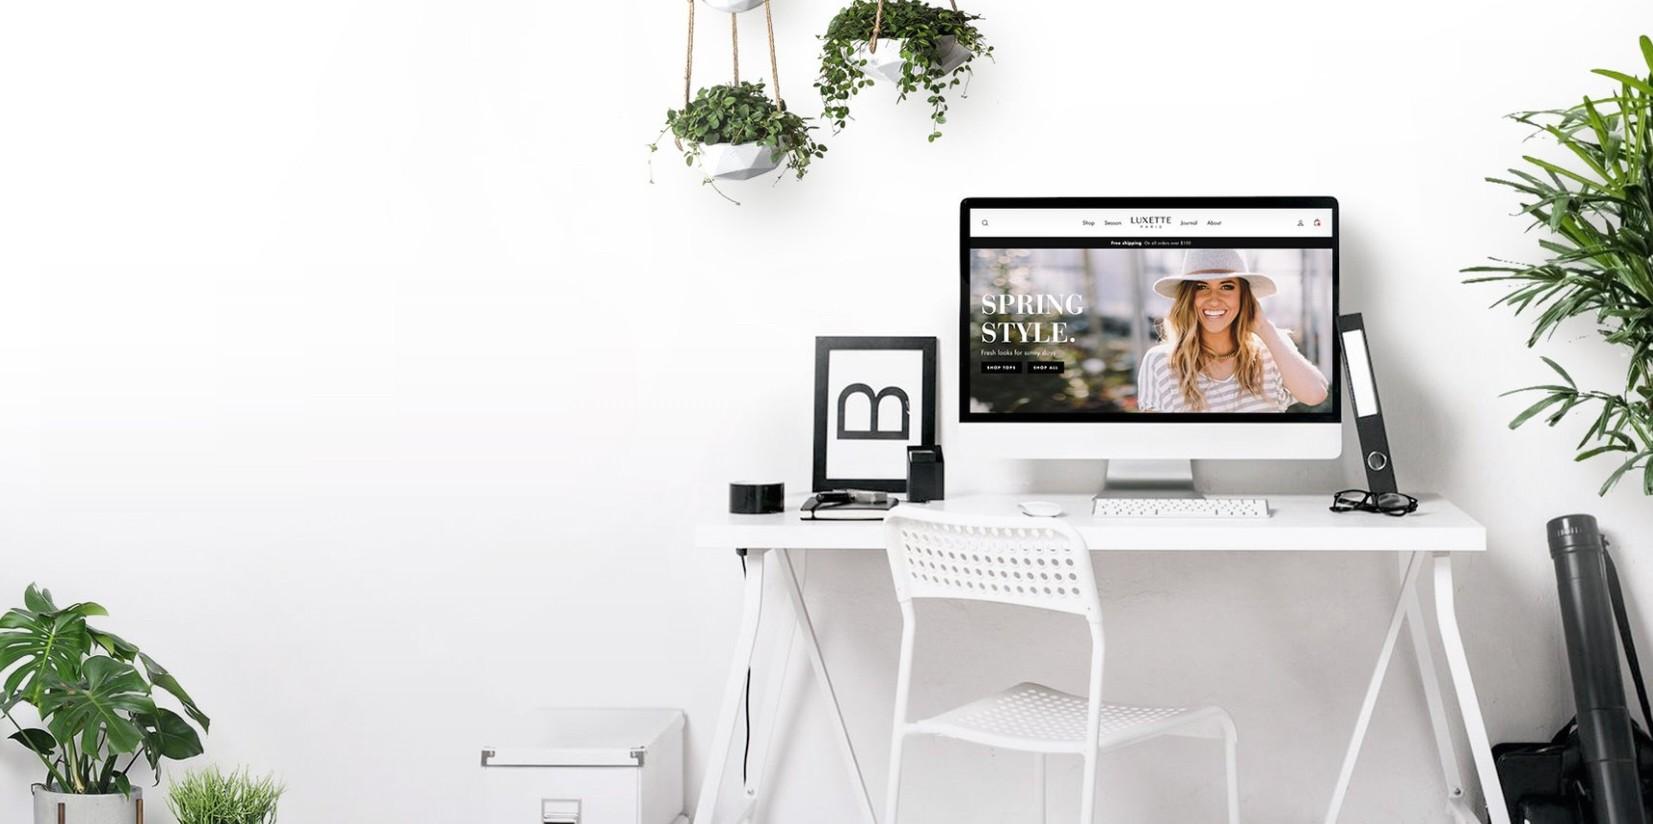 ECommerce Marketing Agency Shopify Amazon SEO Service SEO Agency